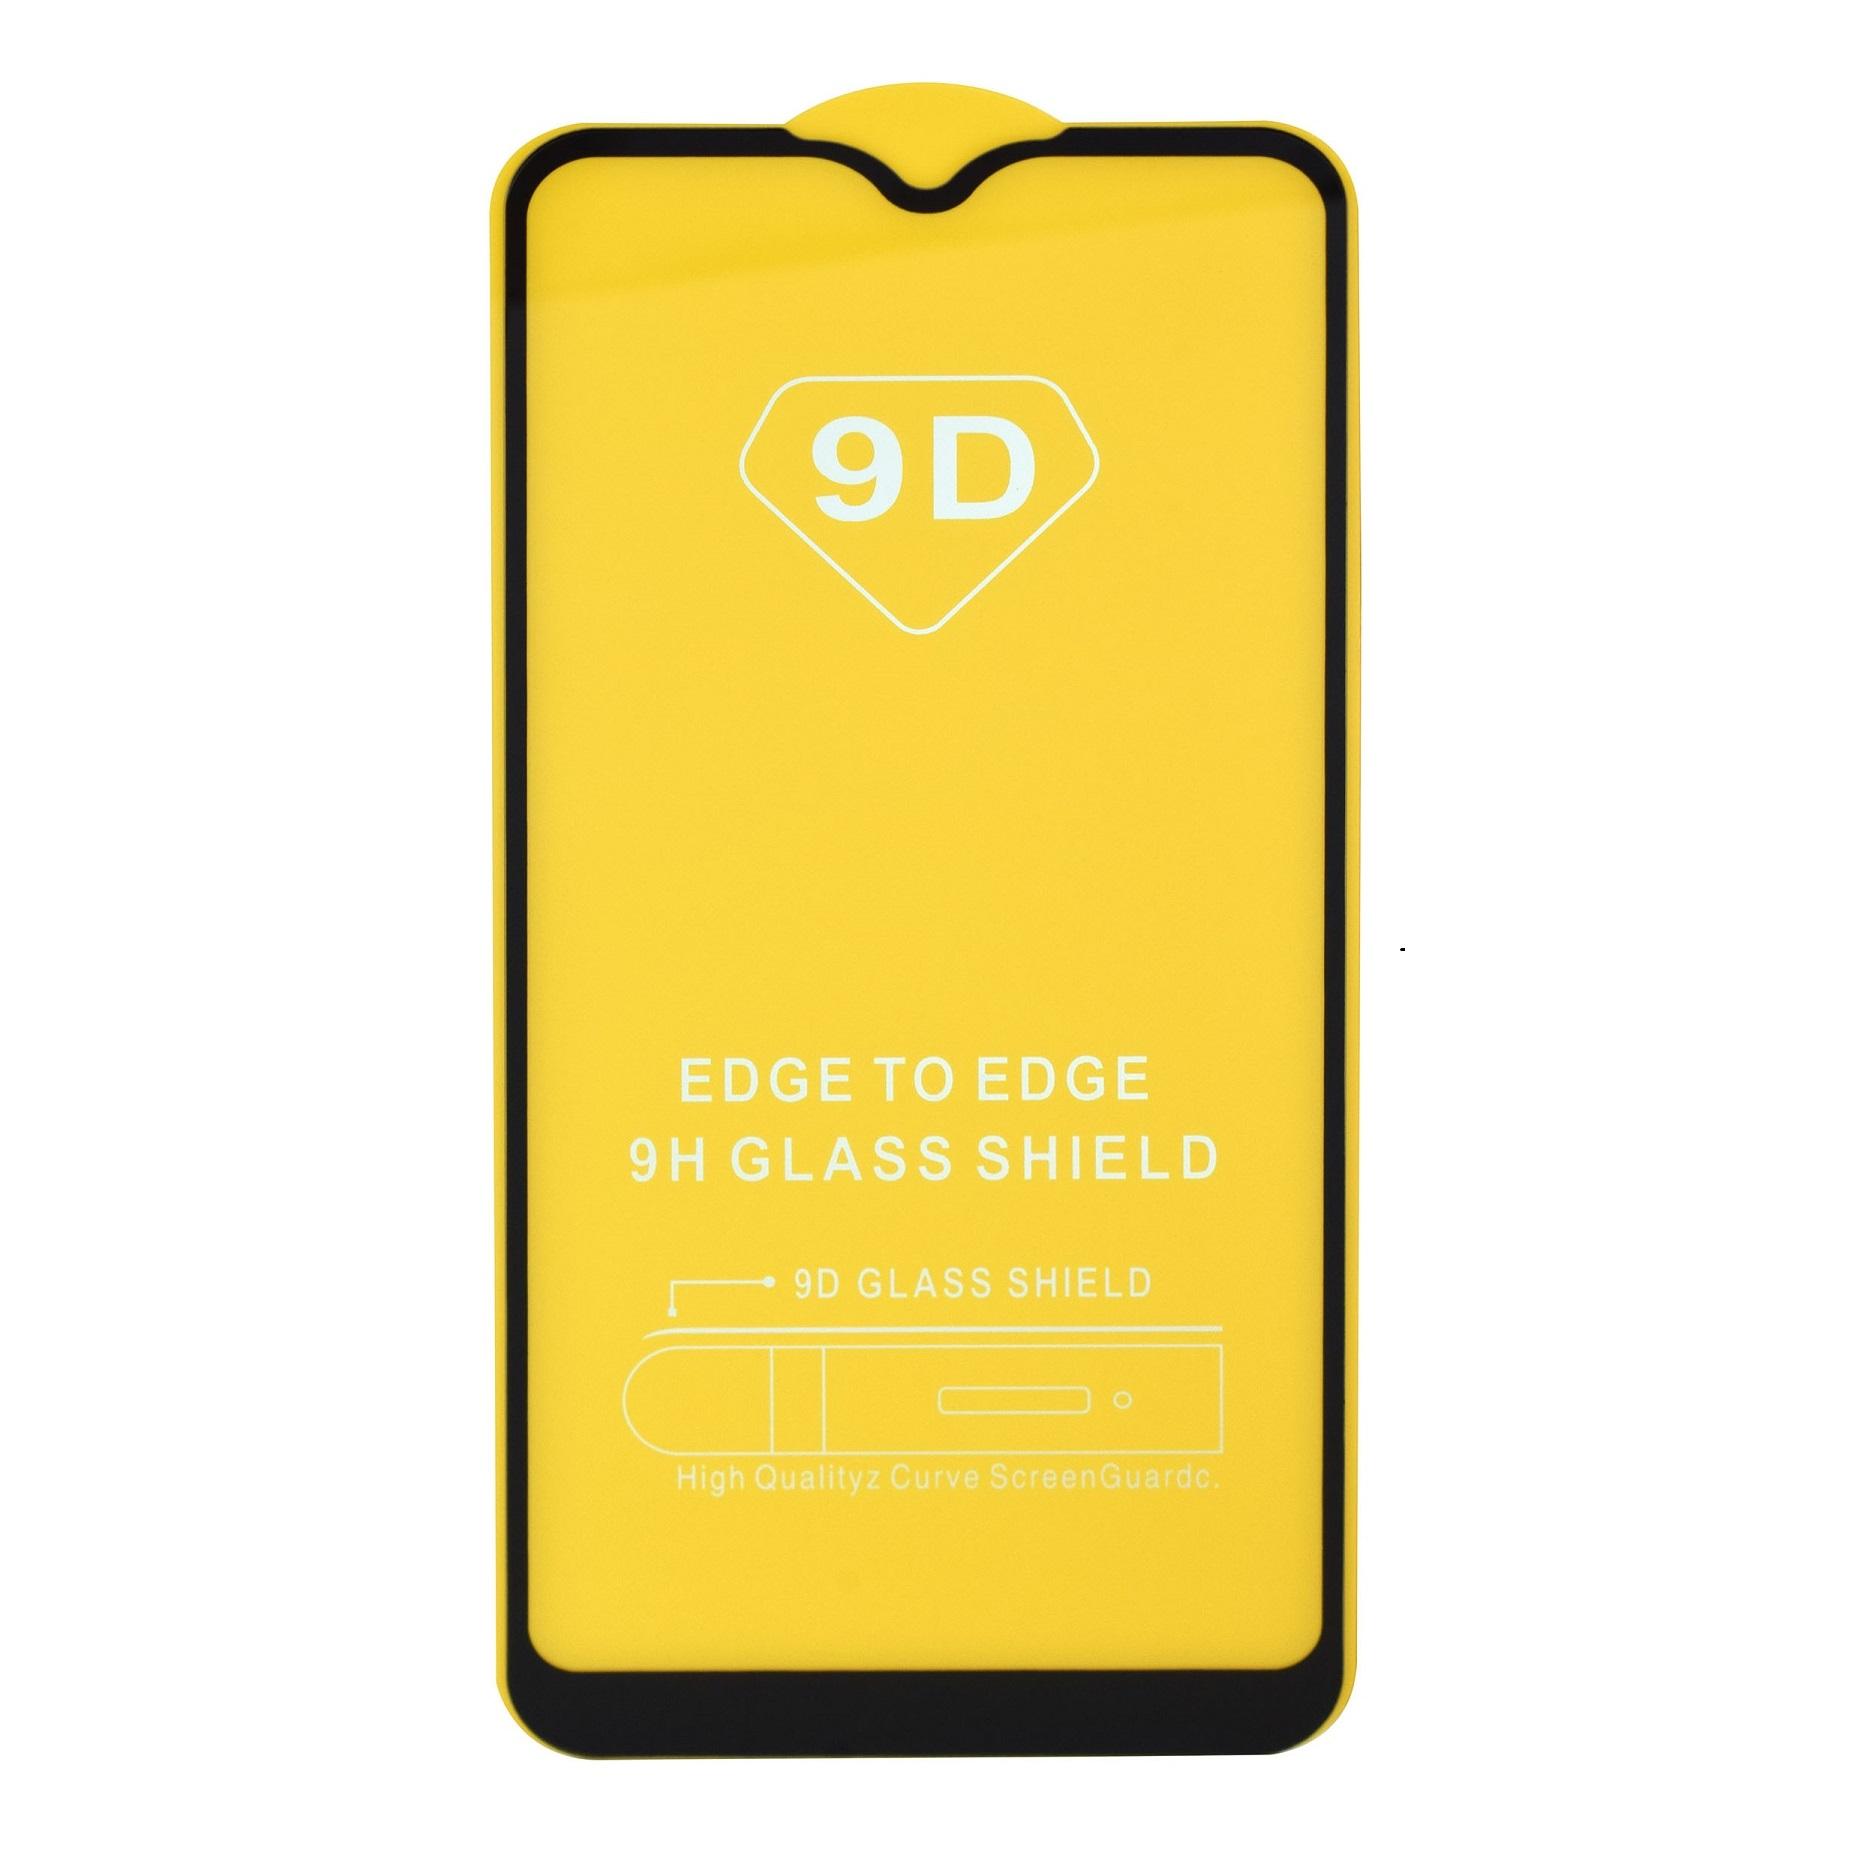 محافظ صفحه نمایش پیشگام مدل PDi-9 مناسب برای گوشی موبایل سامسونگ Galaxy A11              ( قیمت و خرید)